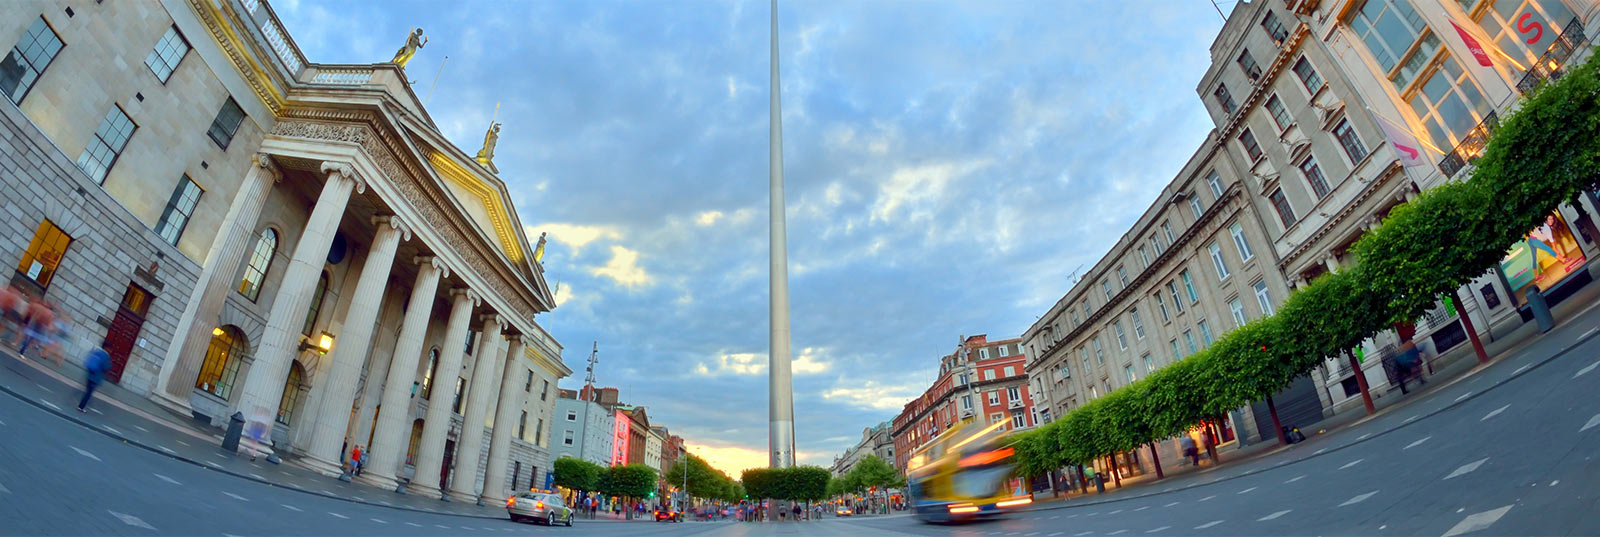 Guía turística de Dublín